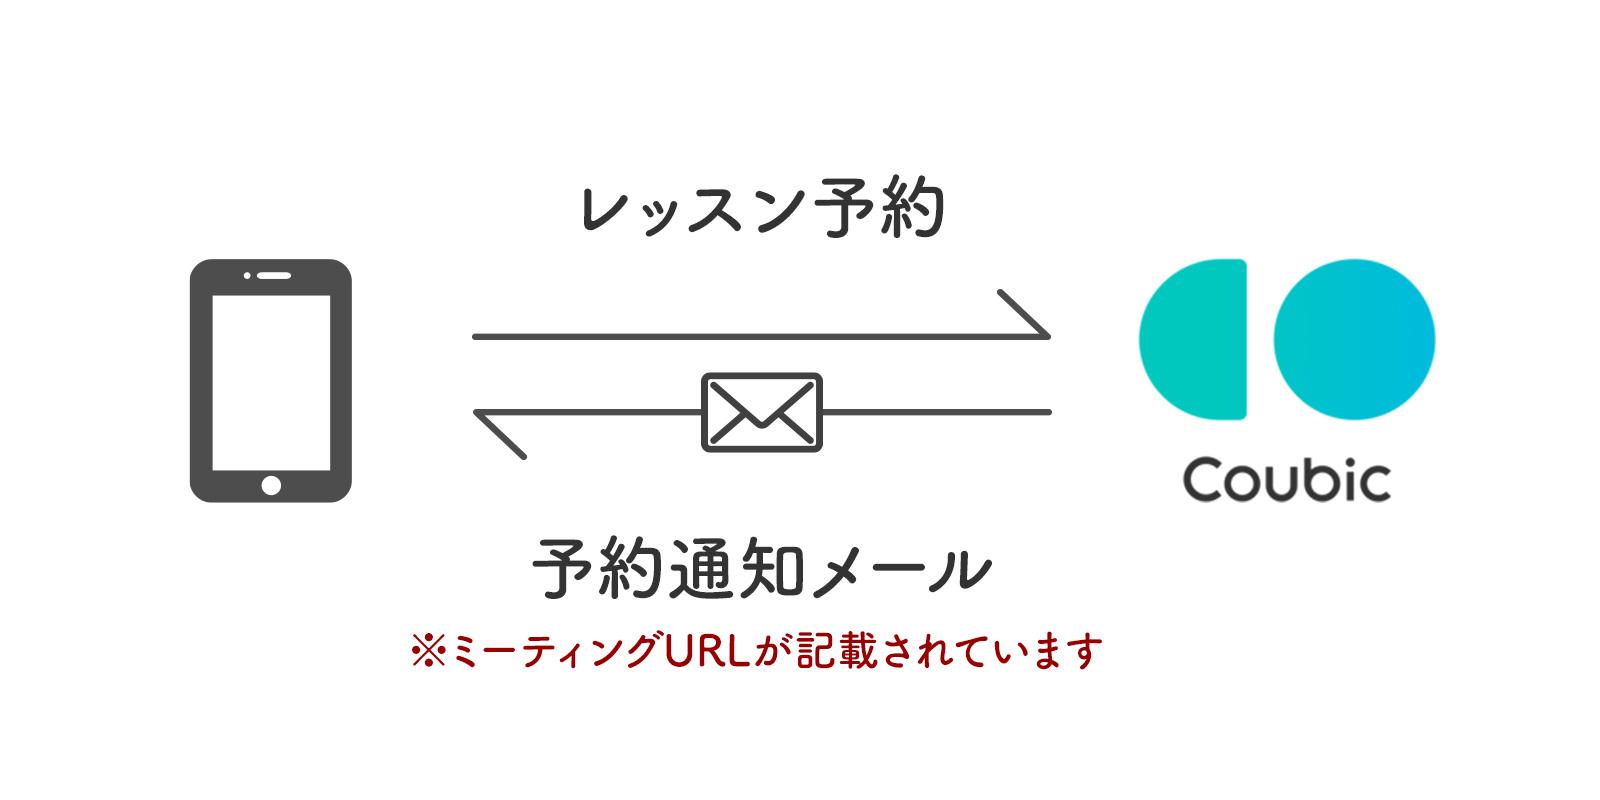 予約通知メール